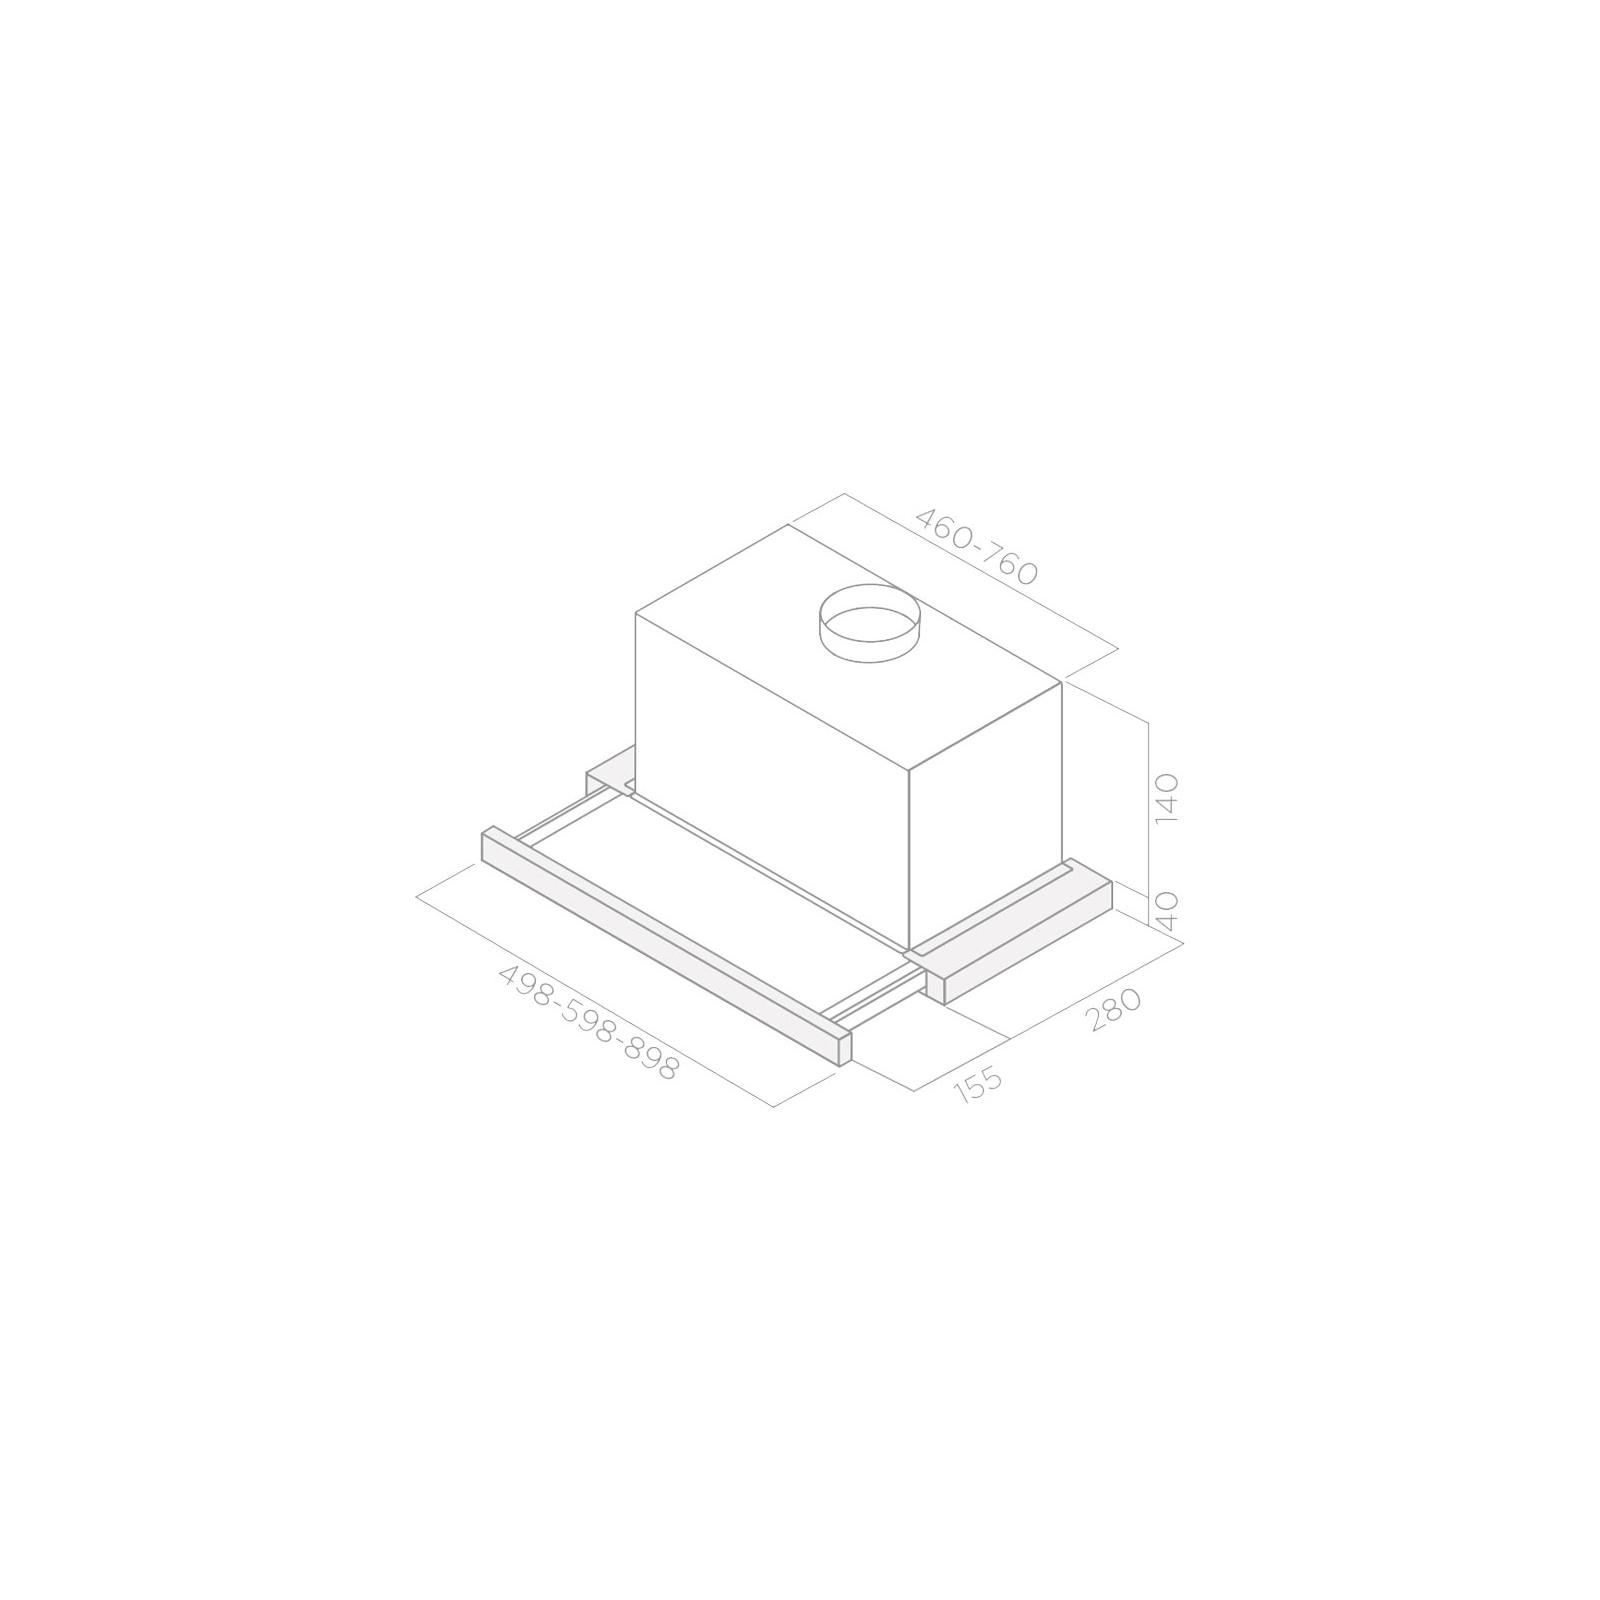 Вытяжка кухонная ELICA ELITE 14 LUX GRVT/A/90 изображение 2